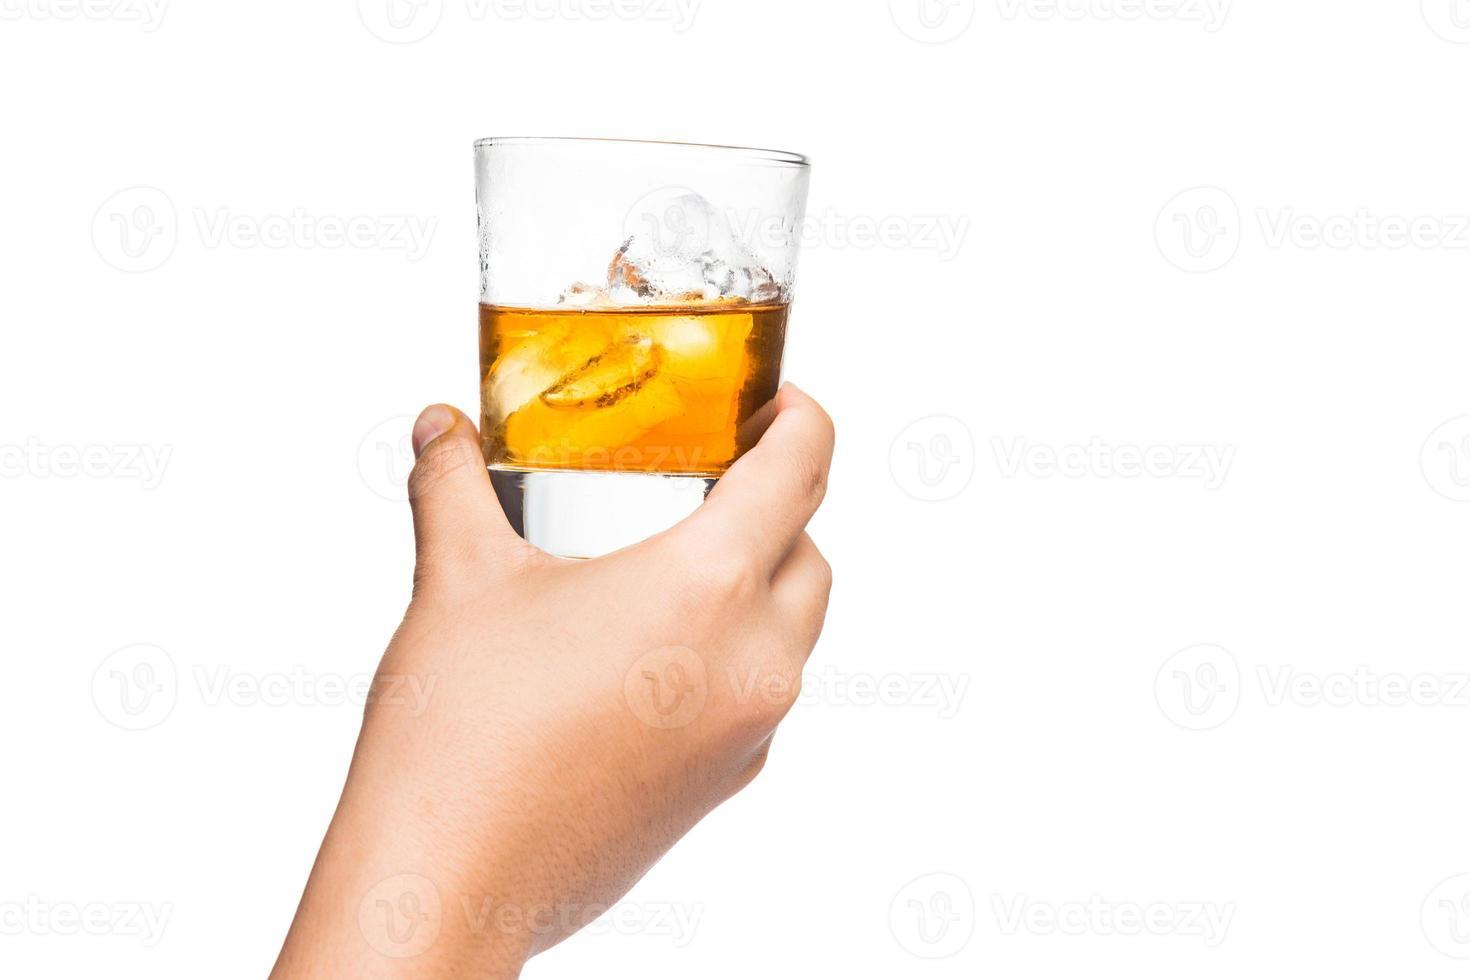 hand rostning skotsk konjak på berget med vit bakgrund foto